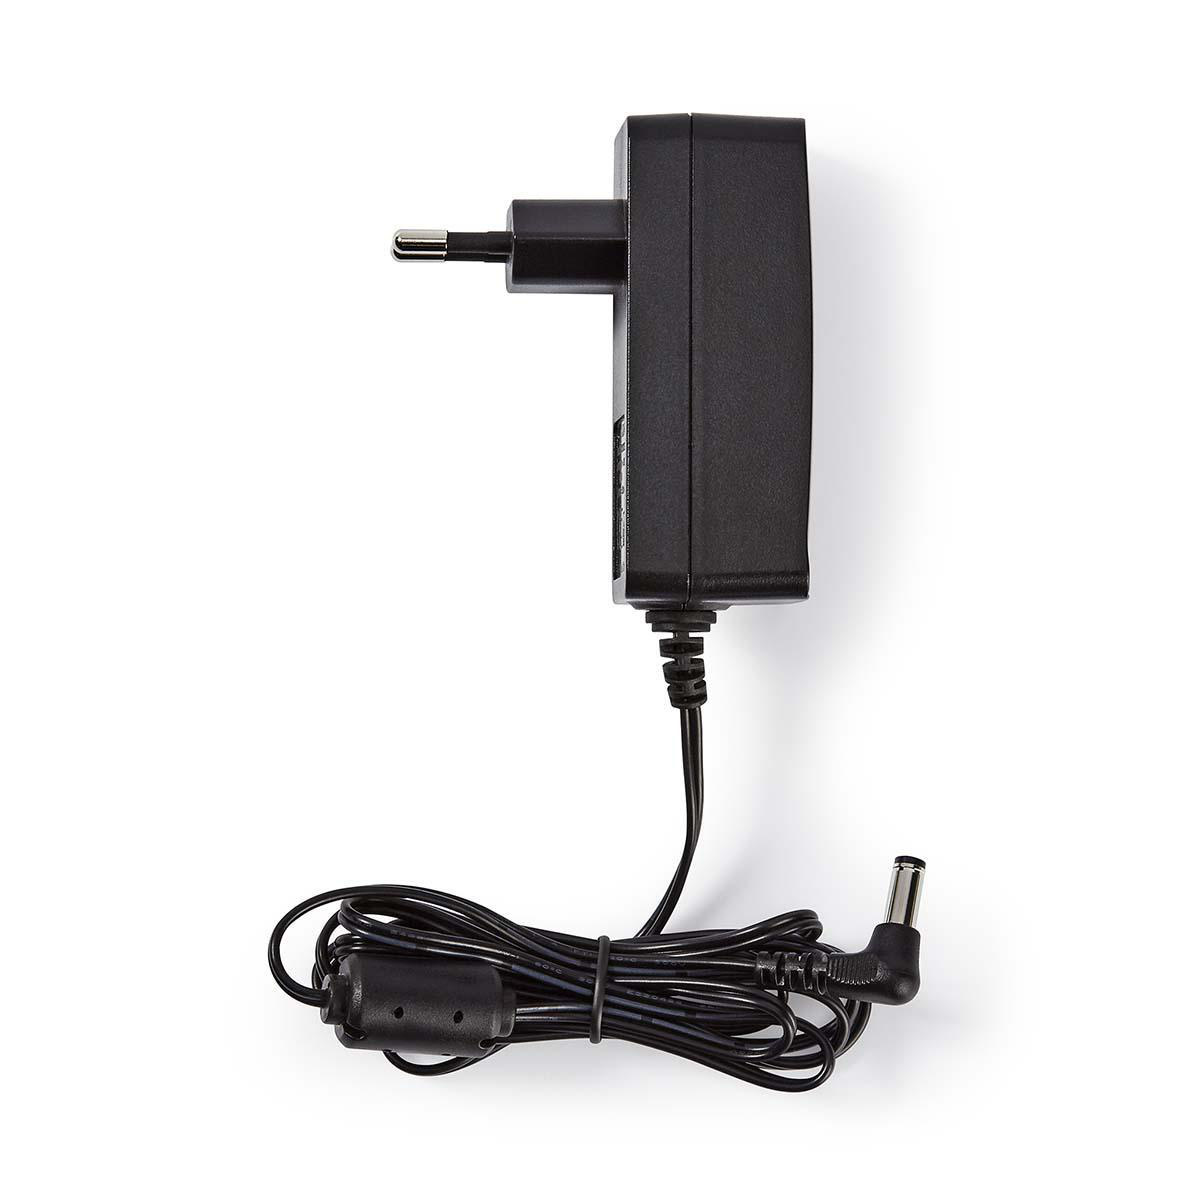 Dit is geen standaard CCTV-adapter – deze adapter is specifiek ontworpen voor CCTV-systemen die hoge eisen stellen aan het te leveren vermogen.<br /> Waar standaard adapters zelden voldoende vermogen leveren voor gebruik bij CCTV, zeker wanneer er een splitter